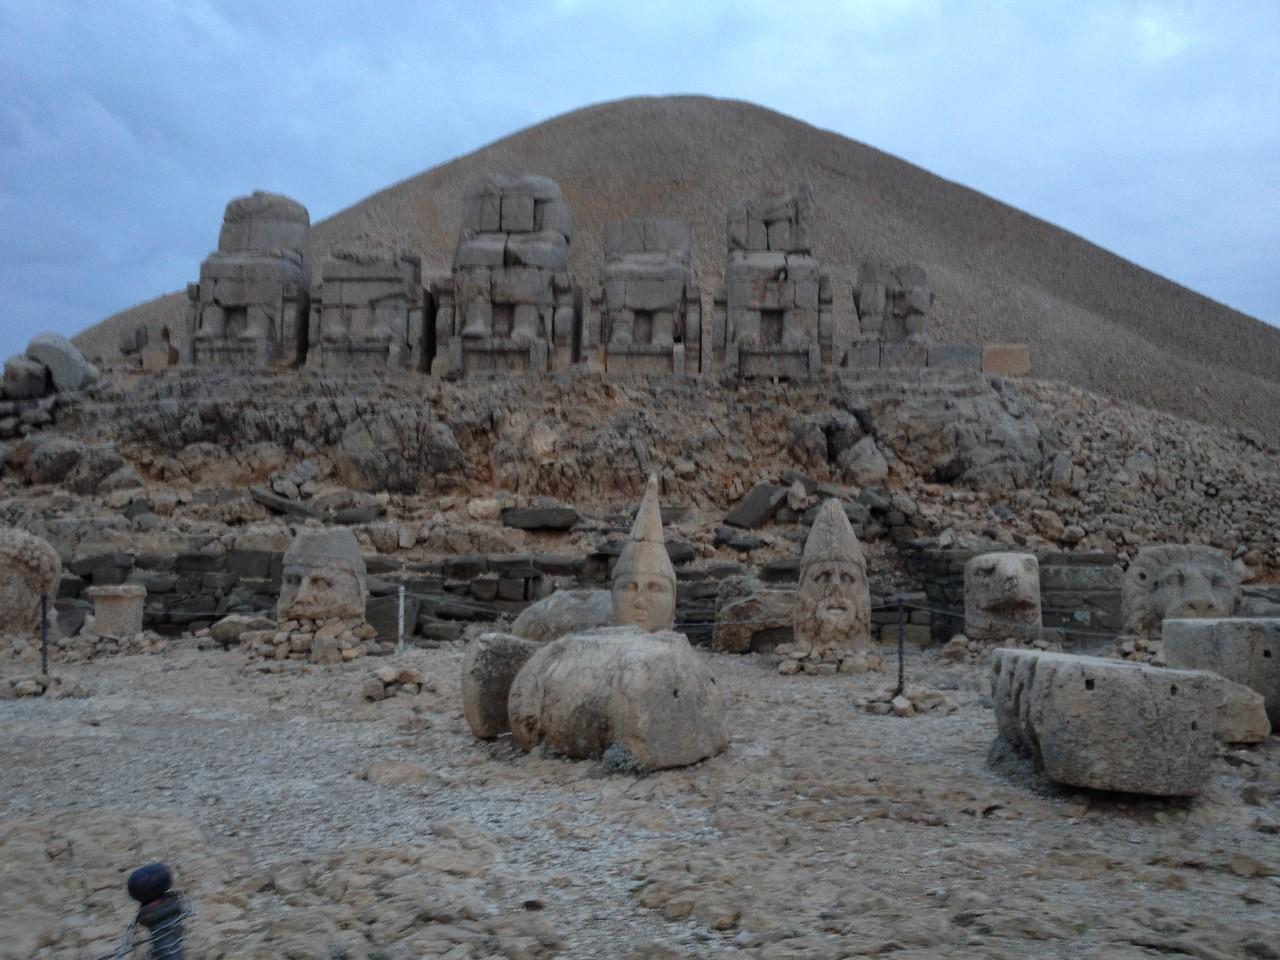 Steinfiguren 4-5m hoch die ursprünglich auf Stelzen von 12m standen